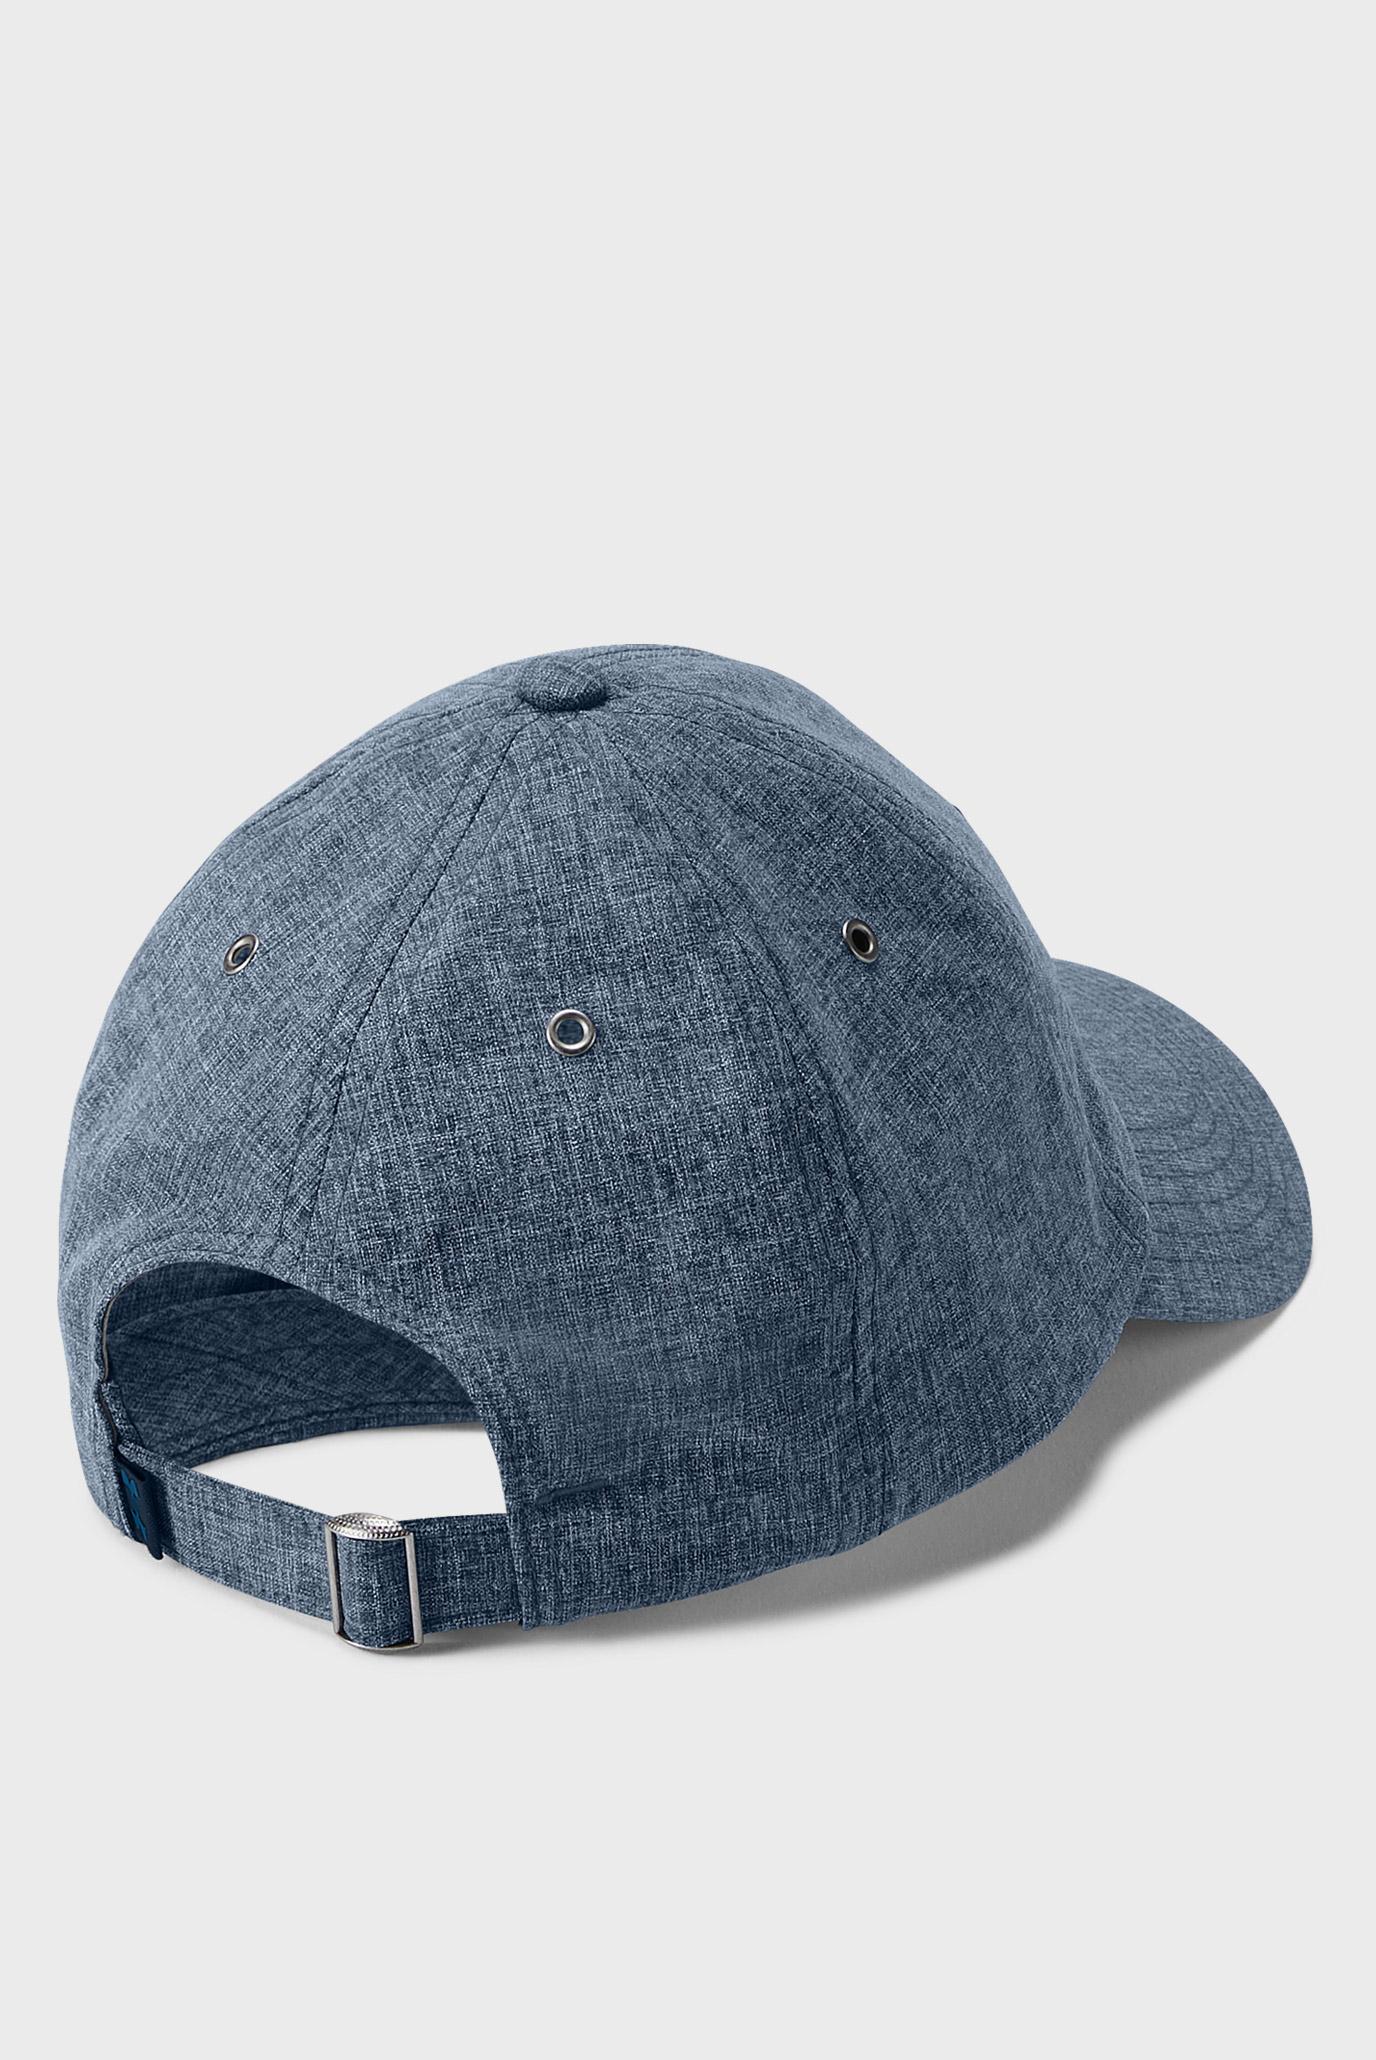 Купить Мужская синяя кепка Men's Perf Lifestyle Under Armour Under Armour 1305449-408 – Киев, Украина. Цены в интернет магазине MD Fashion